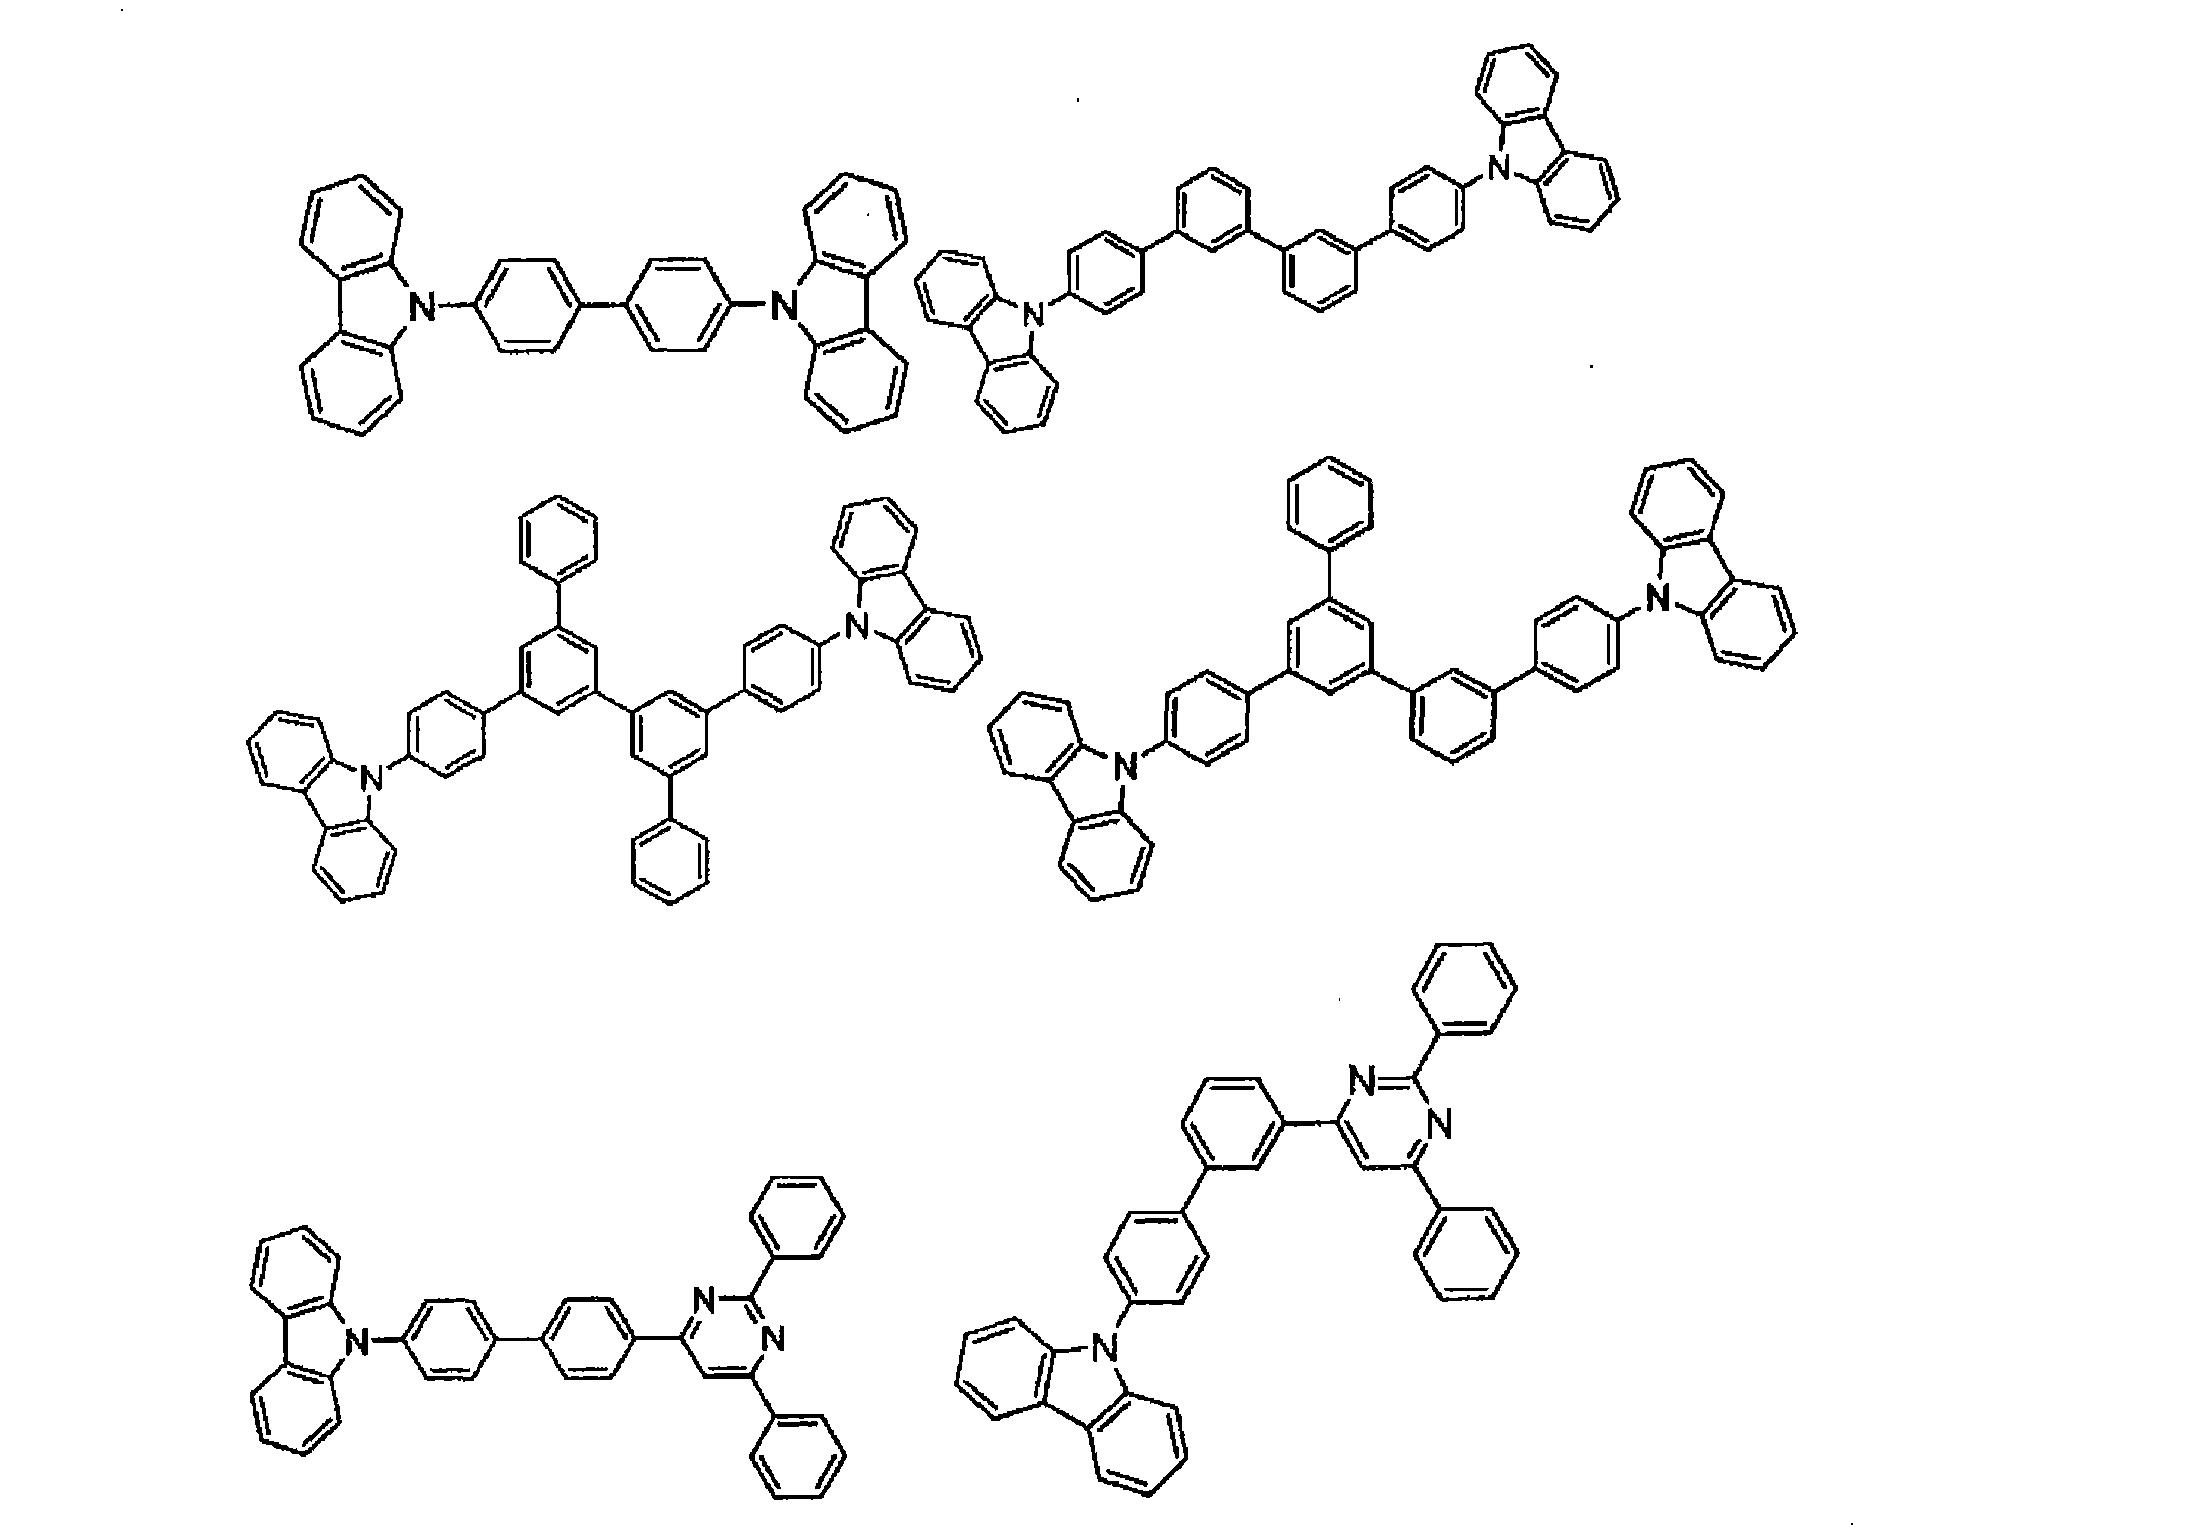 [0233][式中,环A24和A25为可具有取代基的互相缩合的6元芳环结构。] [0234] 该金属络合物作为型半导体的性质强,电子注入能力大。另外,络合物形成时的生成能量也低,因此,形成的金属络合物的金属与配位体之间的结合性也变牢固,作为发光材料的荧光量子效率也变大。 [0235] 列举形成式(G)的配位体的环Am和A25的取代基的具体例子时,有:氯、溴、碘、氟等卤素原子、甲基、乙基、丙基、丁基、仲丁基、叔丁基、戊基、己基、庚基、辛基、硬质基、三氯甲基等取代或未取代的烷基、苯基、萘基、3-甲基苯基、3